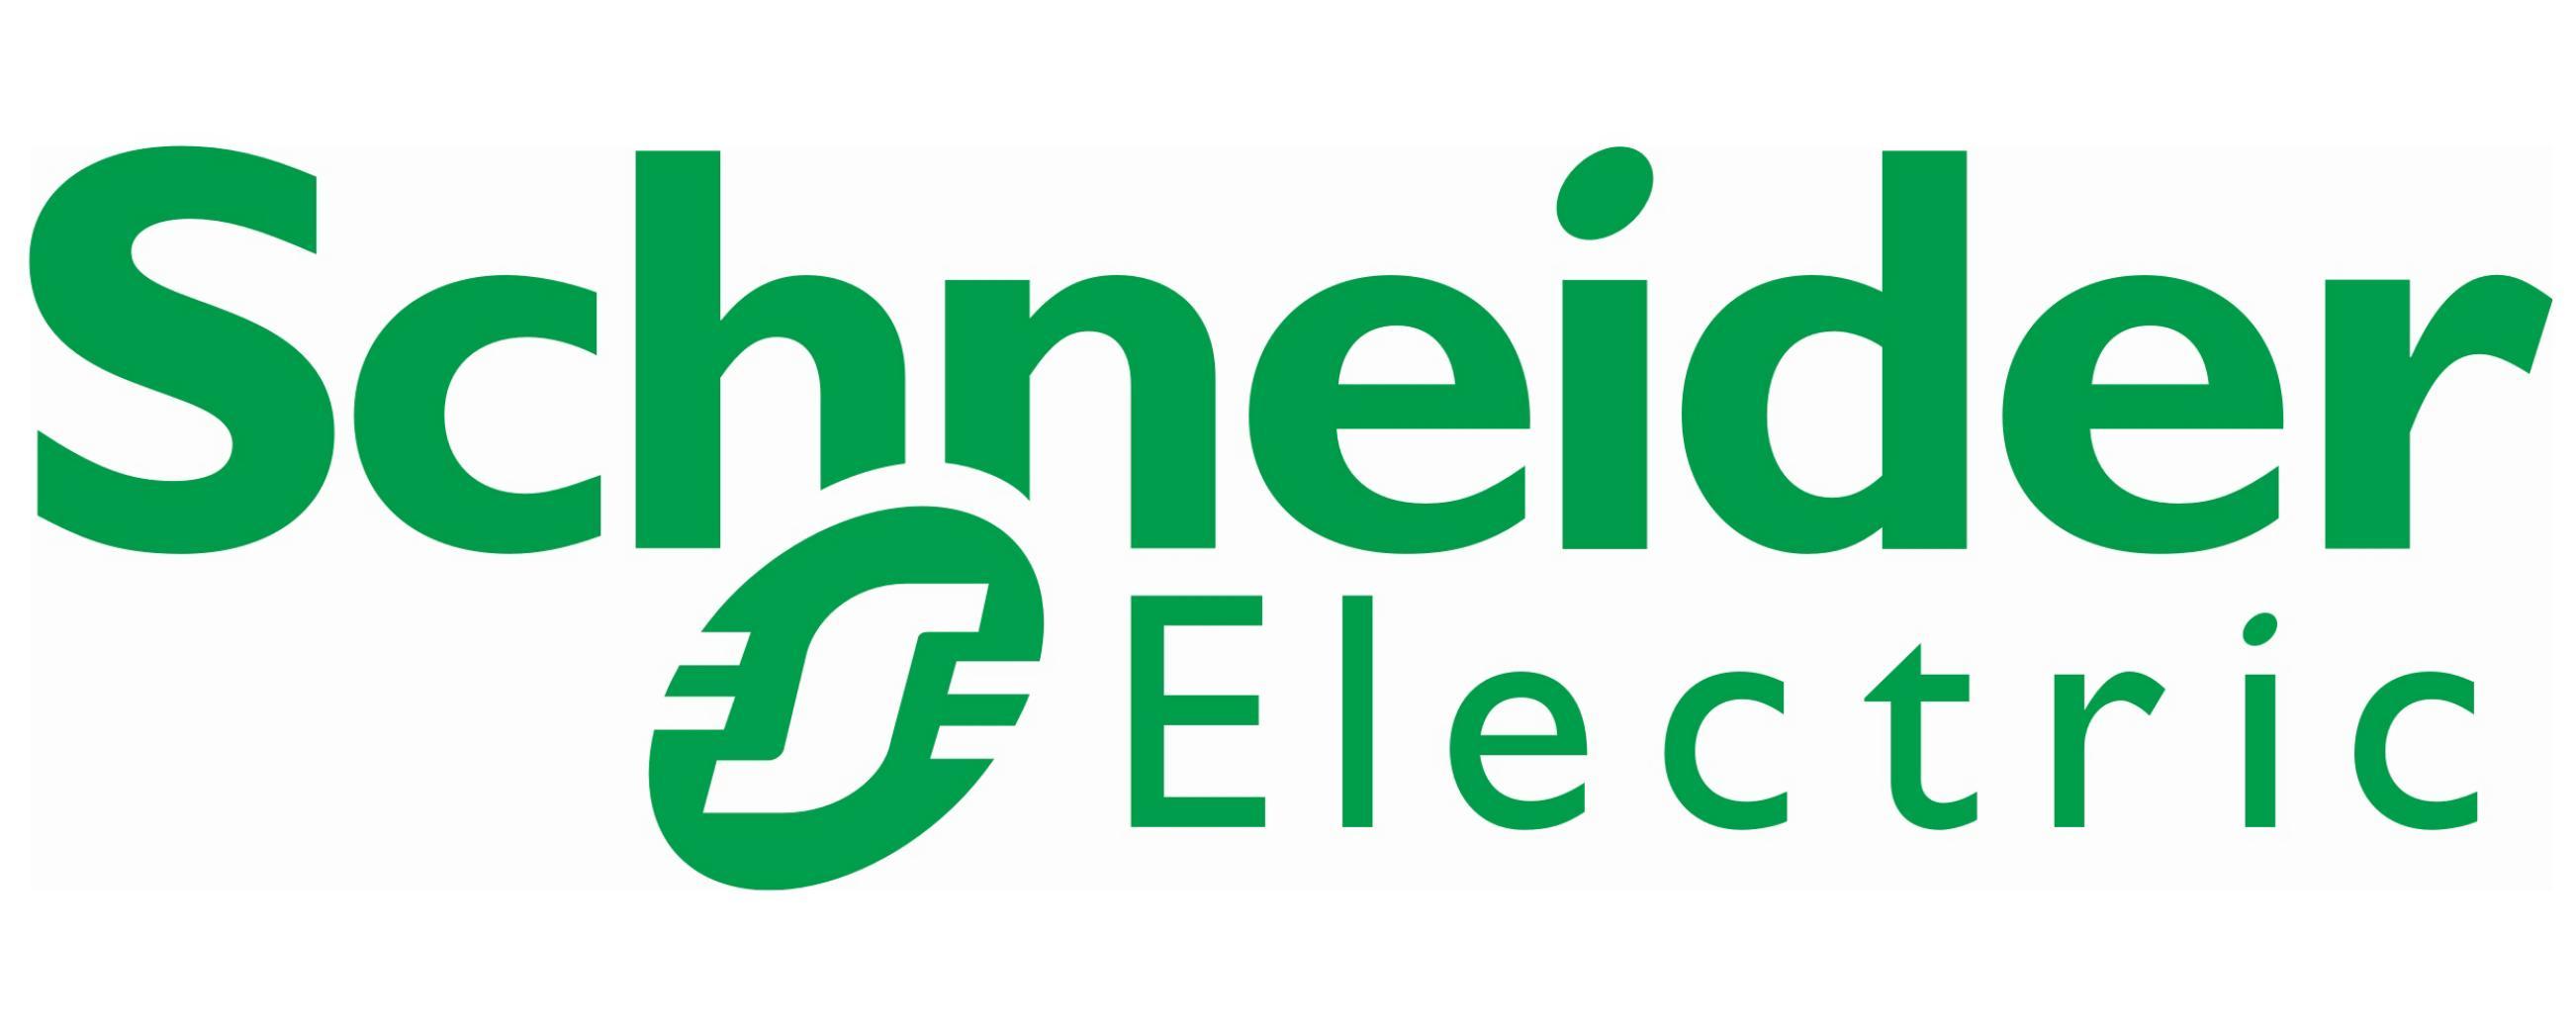 schneider electric receives top ranking in navigant